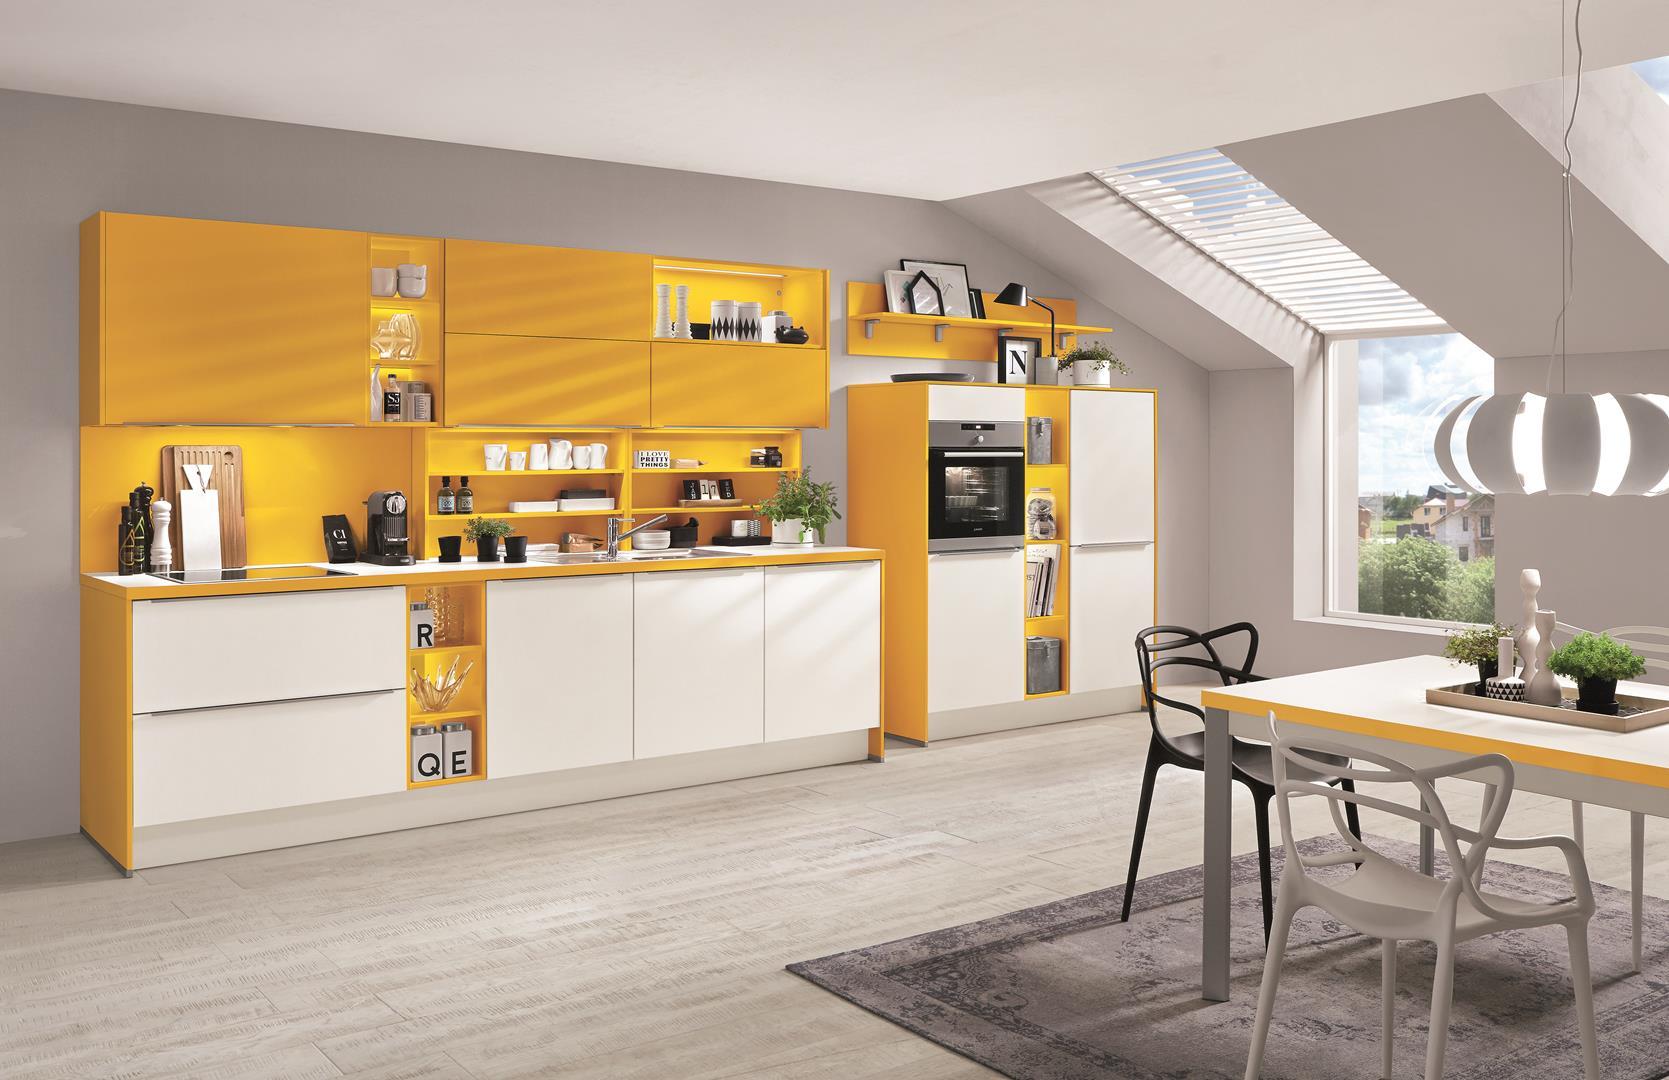 123 Cocinas Cocinas Por Modulos Cocinas A Medida